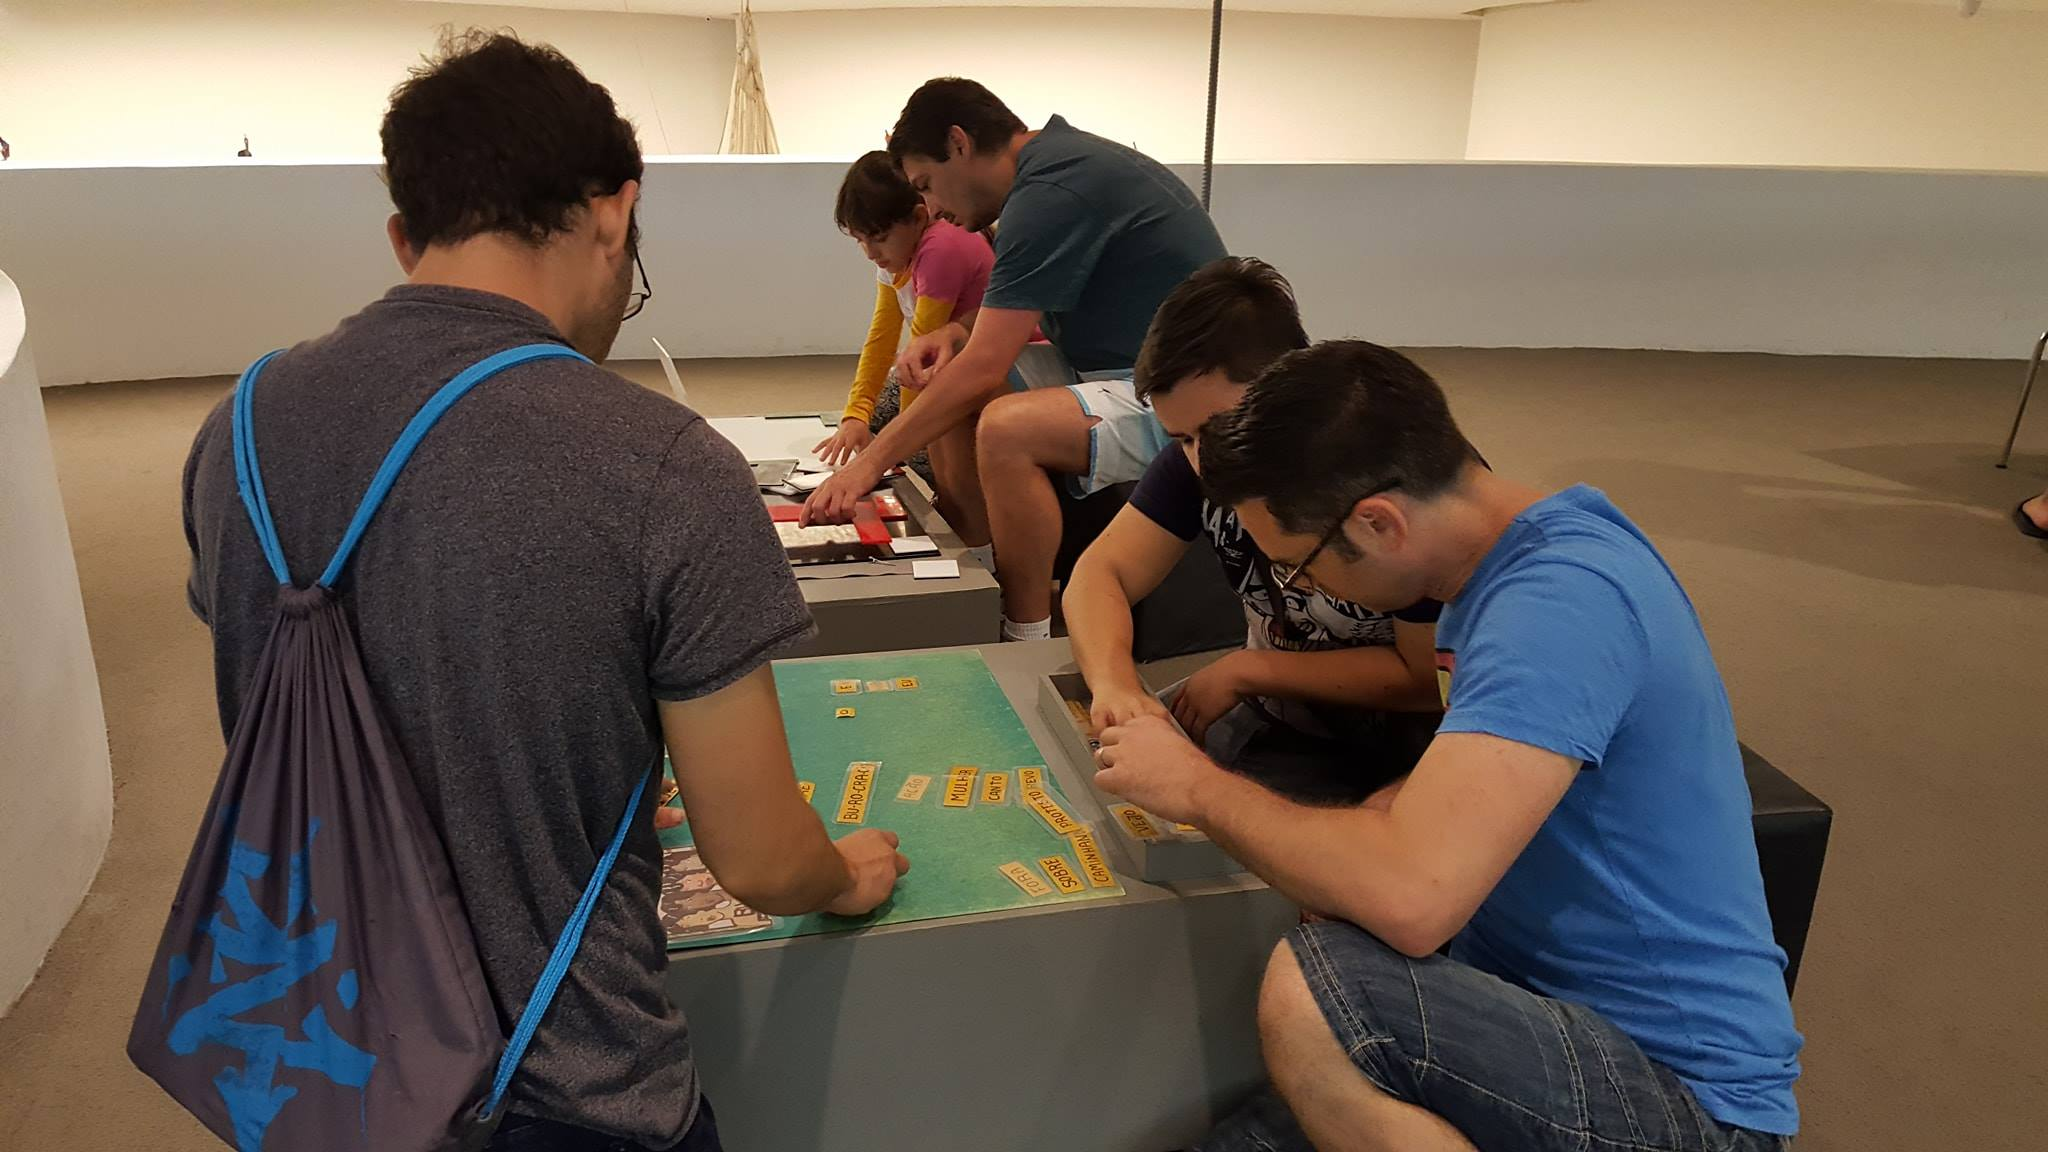 Practicando nuestro portugués con un juego de palabras en el Museo de Oscar Niemeyer en Niteroi.